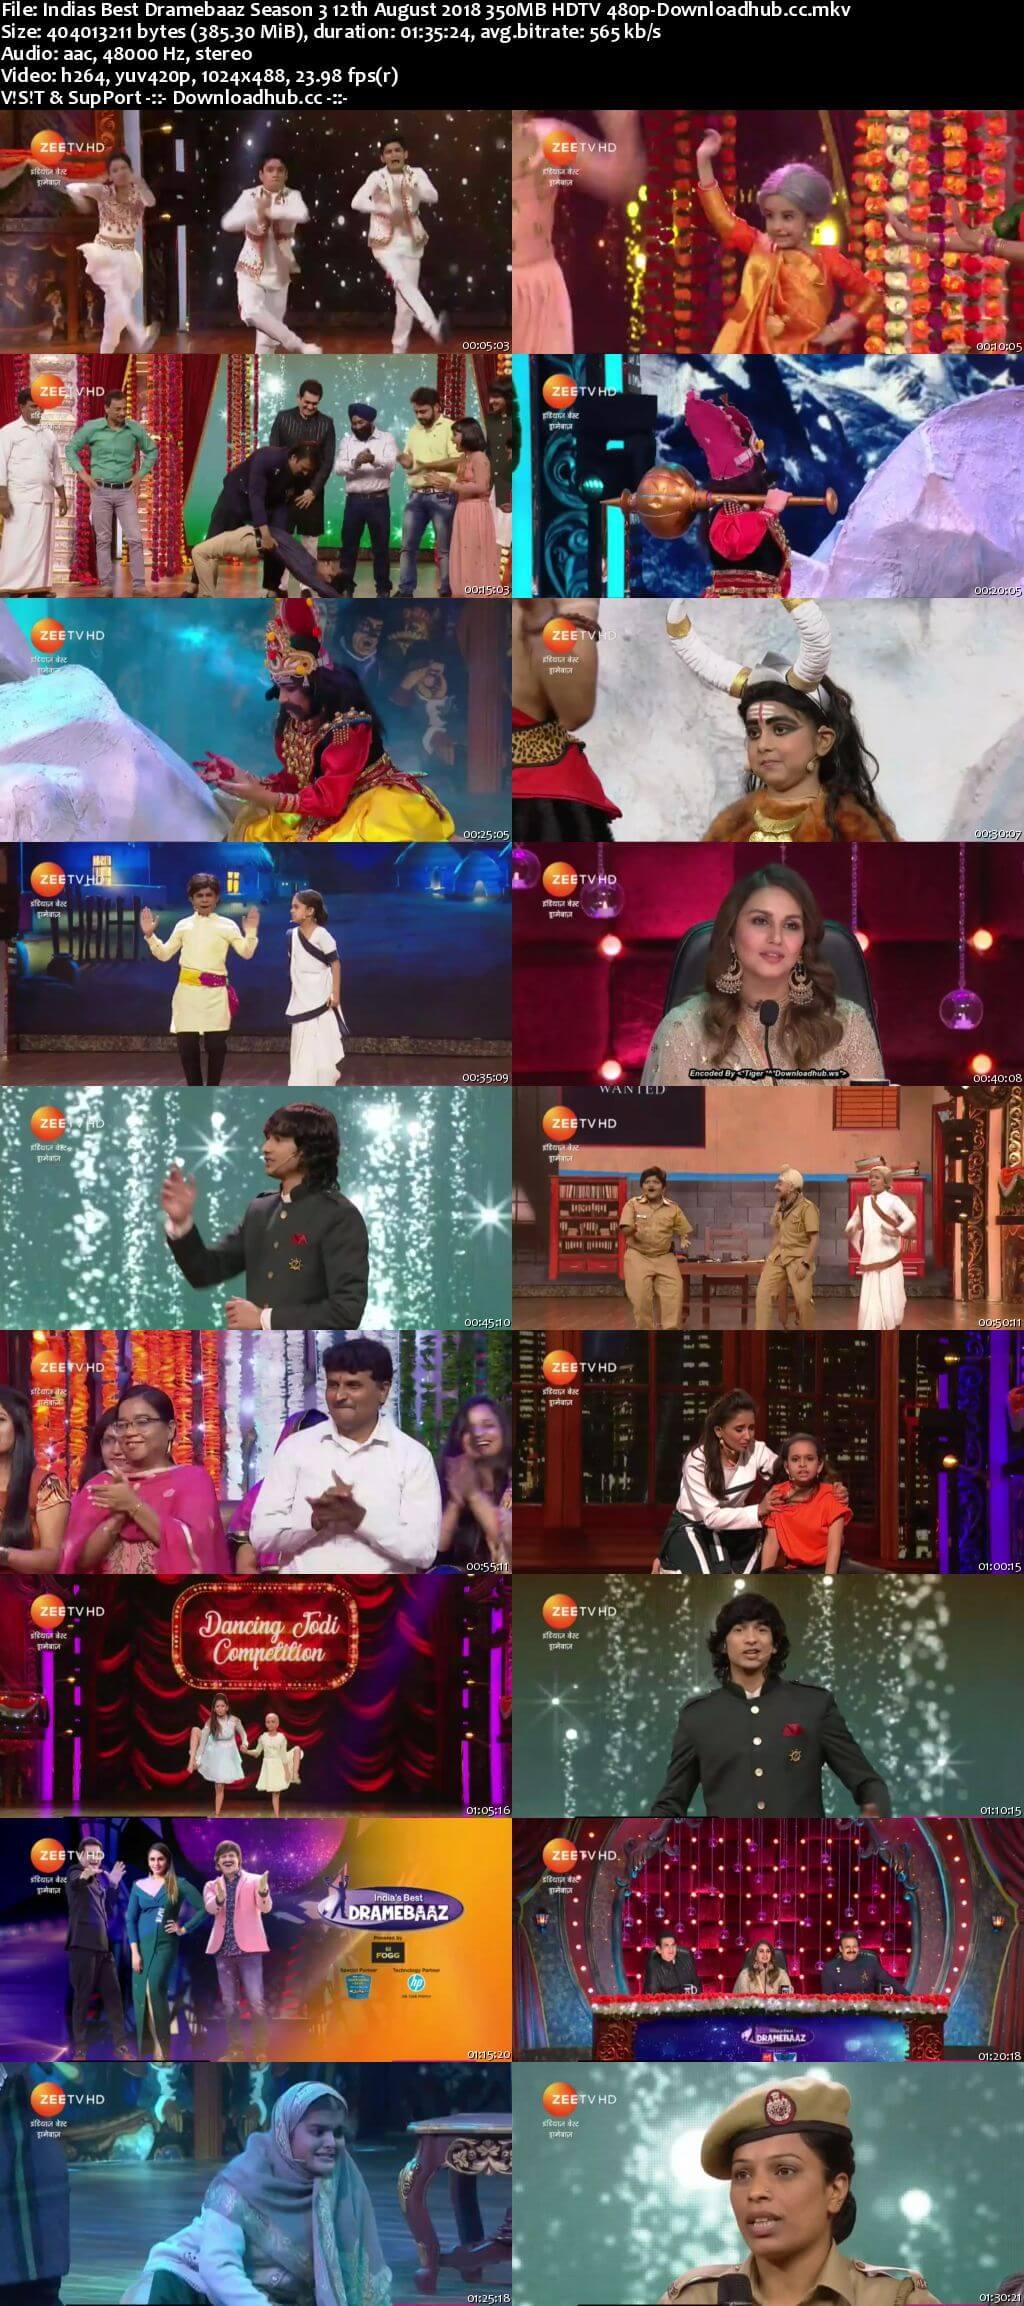 Indias Best Dramebaaz Season 3 12 August 2018 Episode 14 HDTV 480p